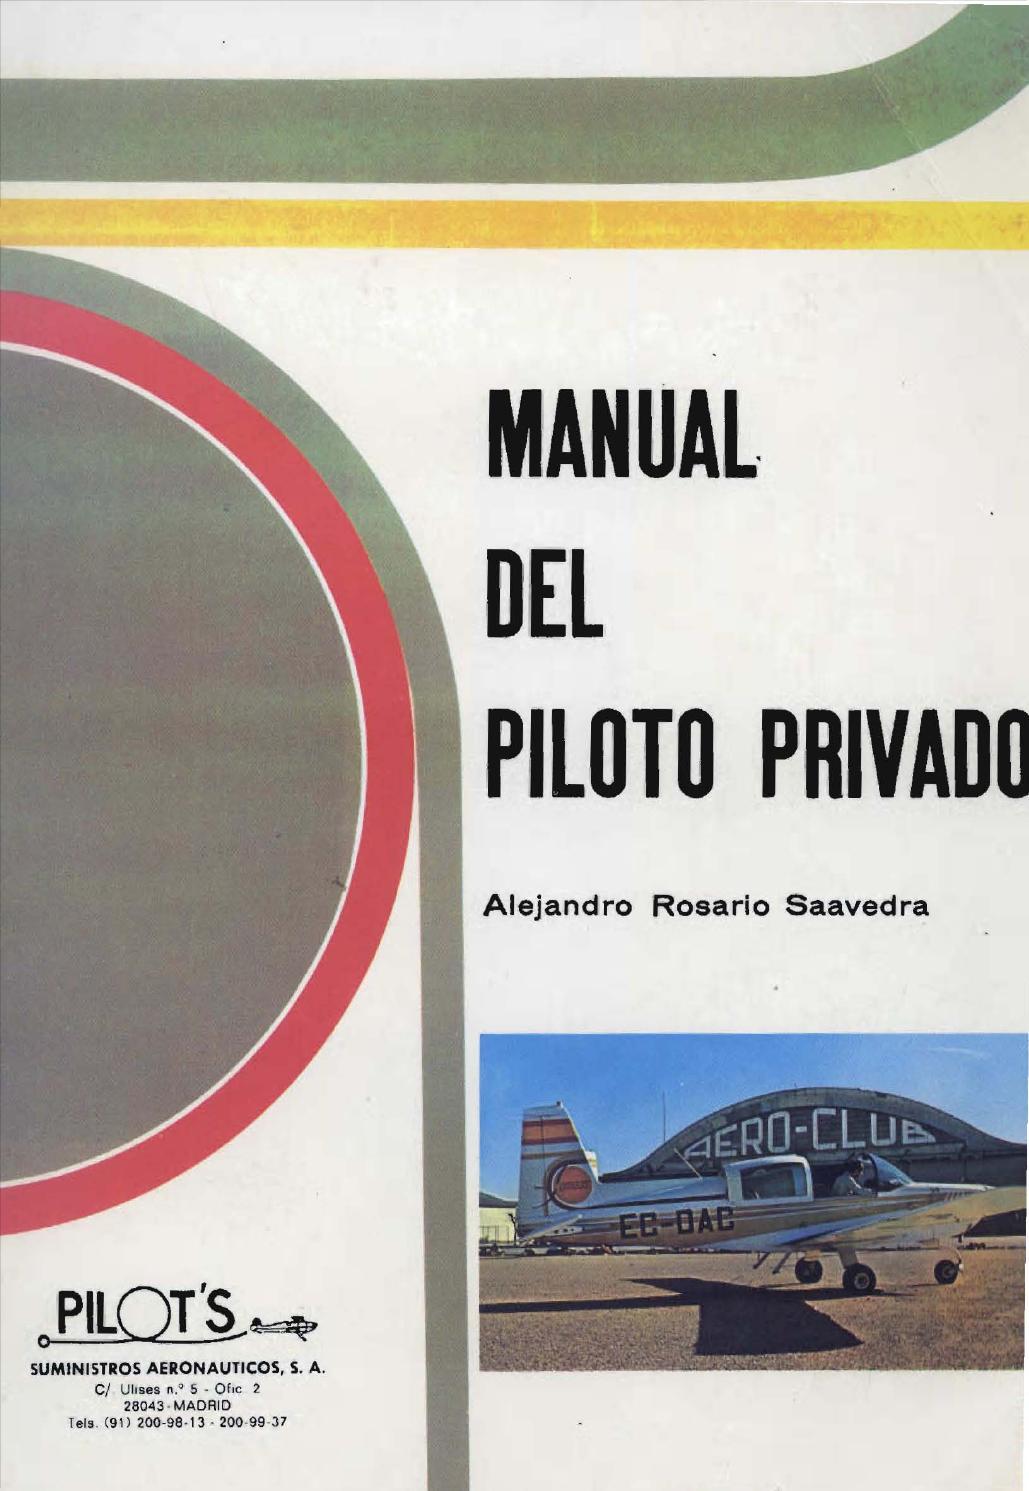 Manual del piloto privado by fr4nc0 - issuu